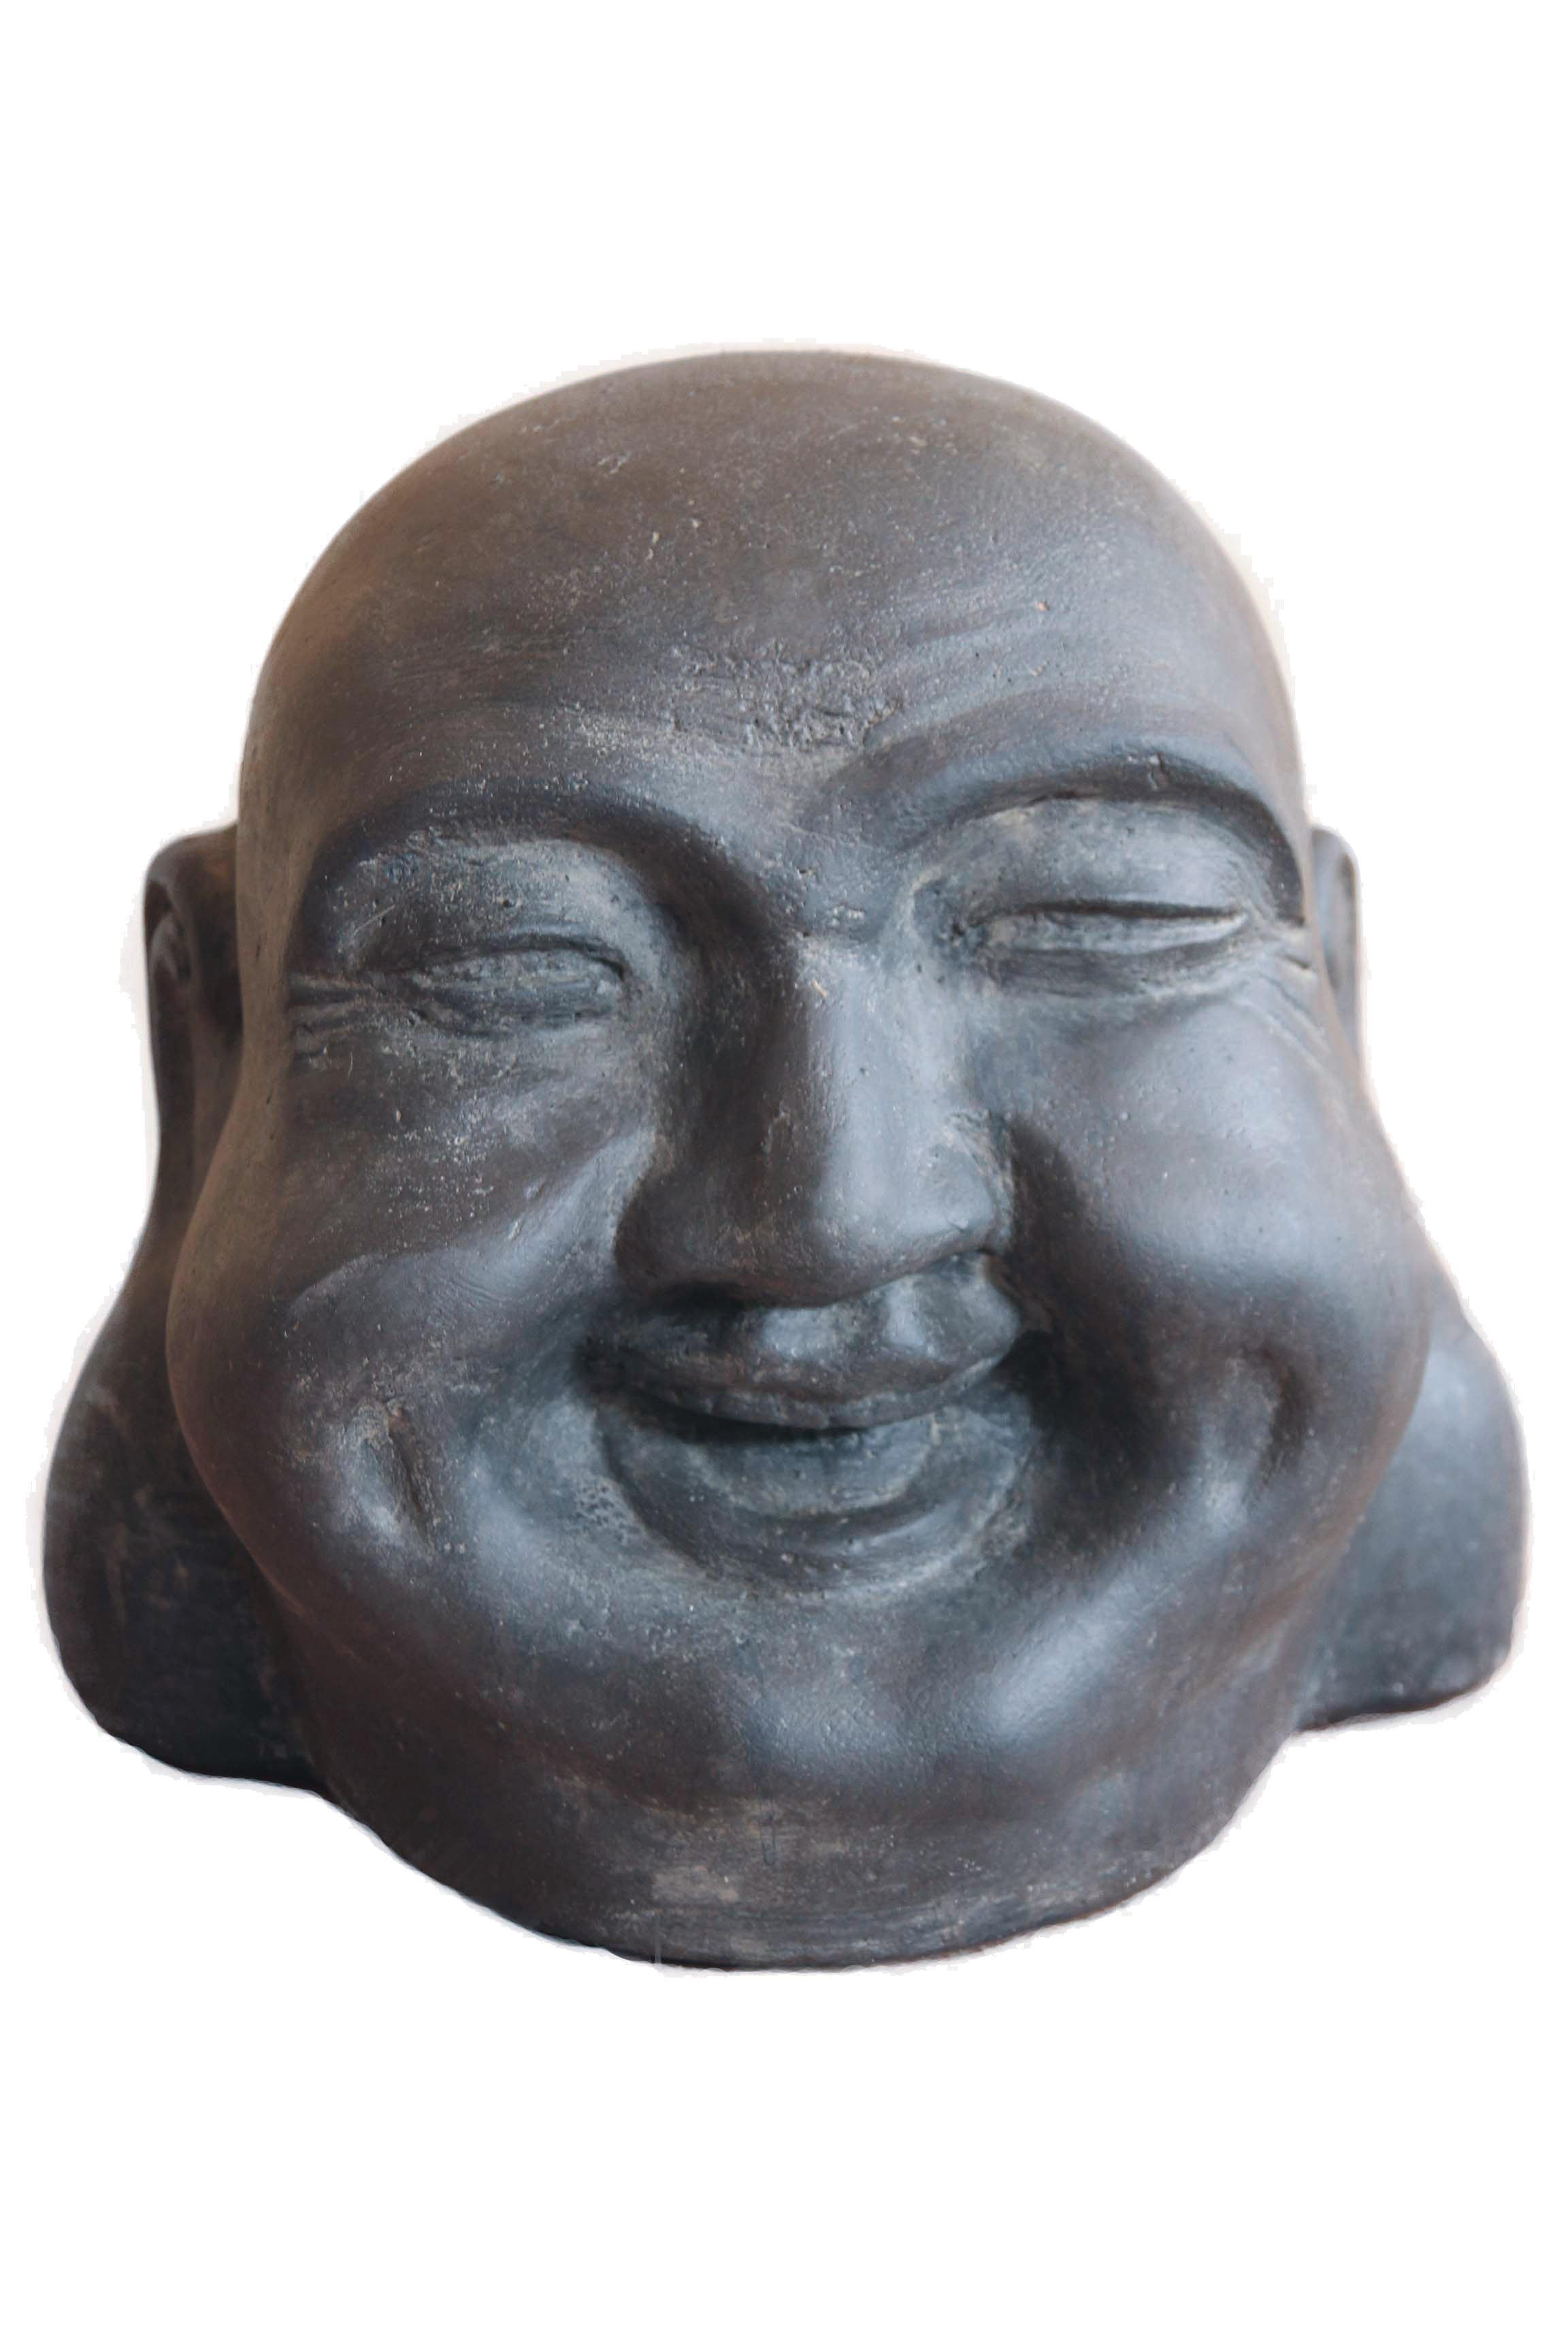 Asiastyle Chinesischer Buddha Kopf Lachend 40 Cm H